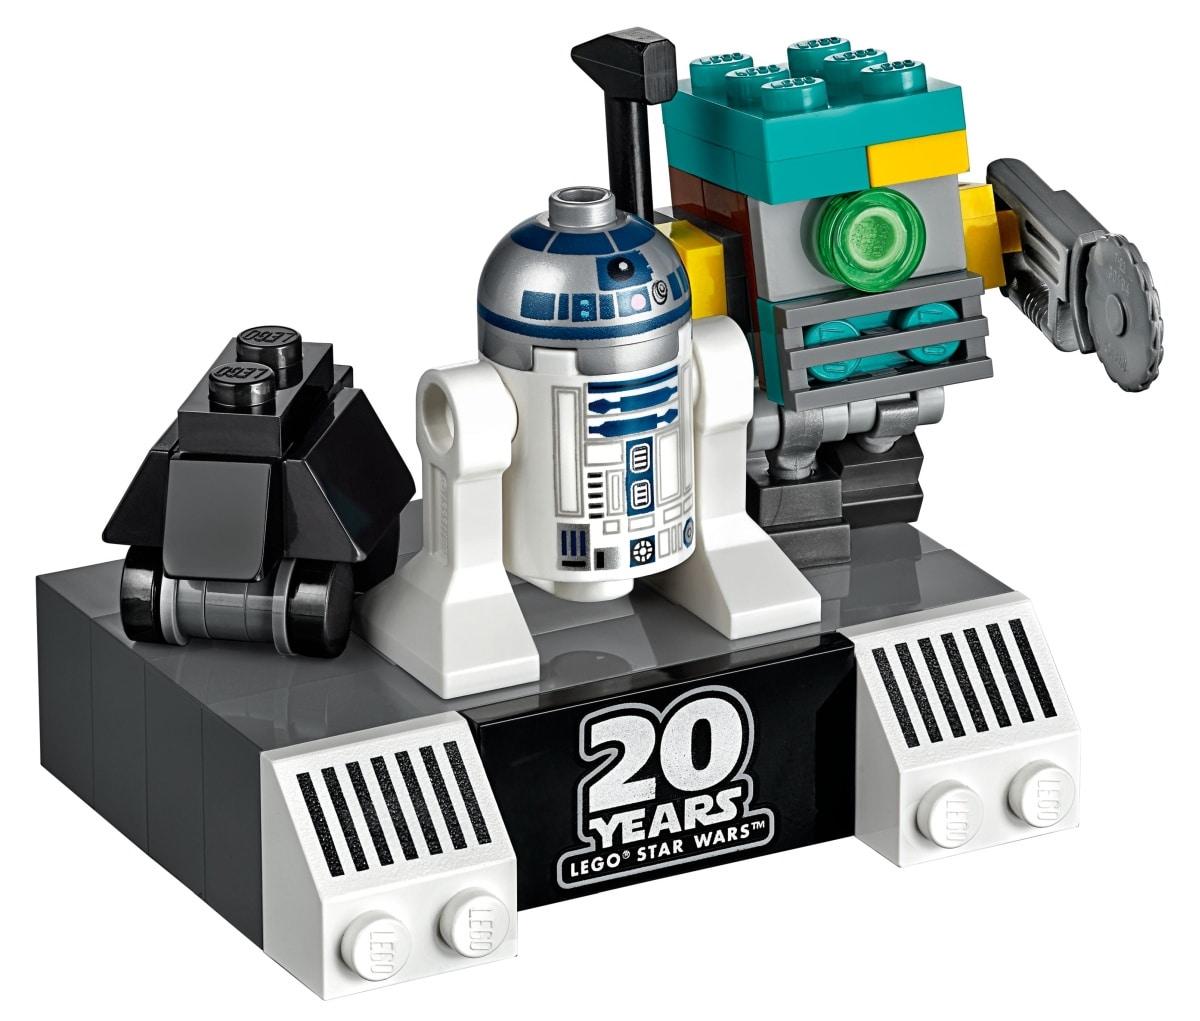 lego-star-wars-gwp-5006036-0002